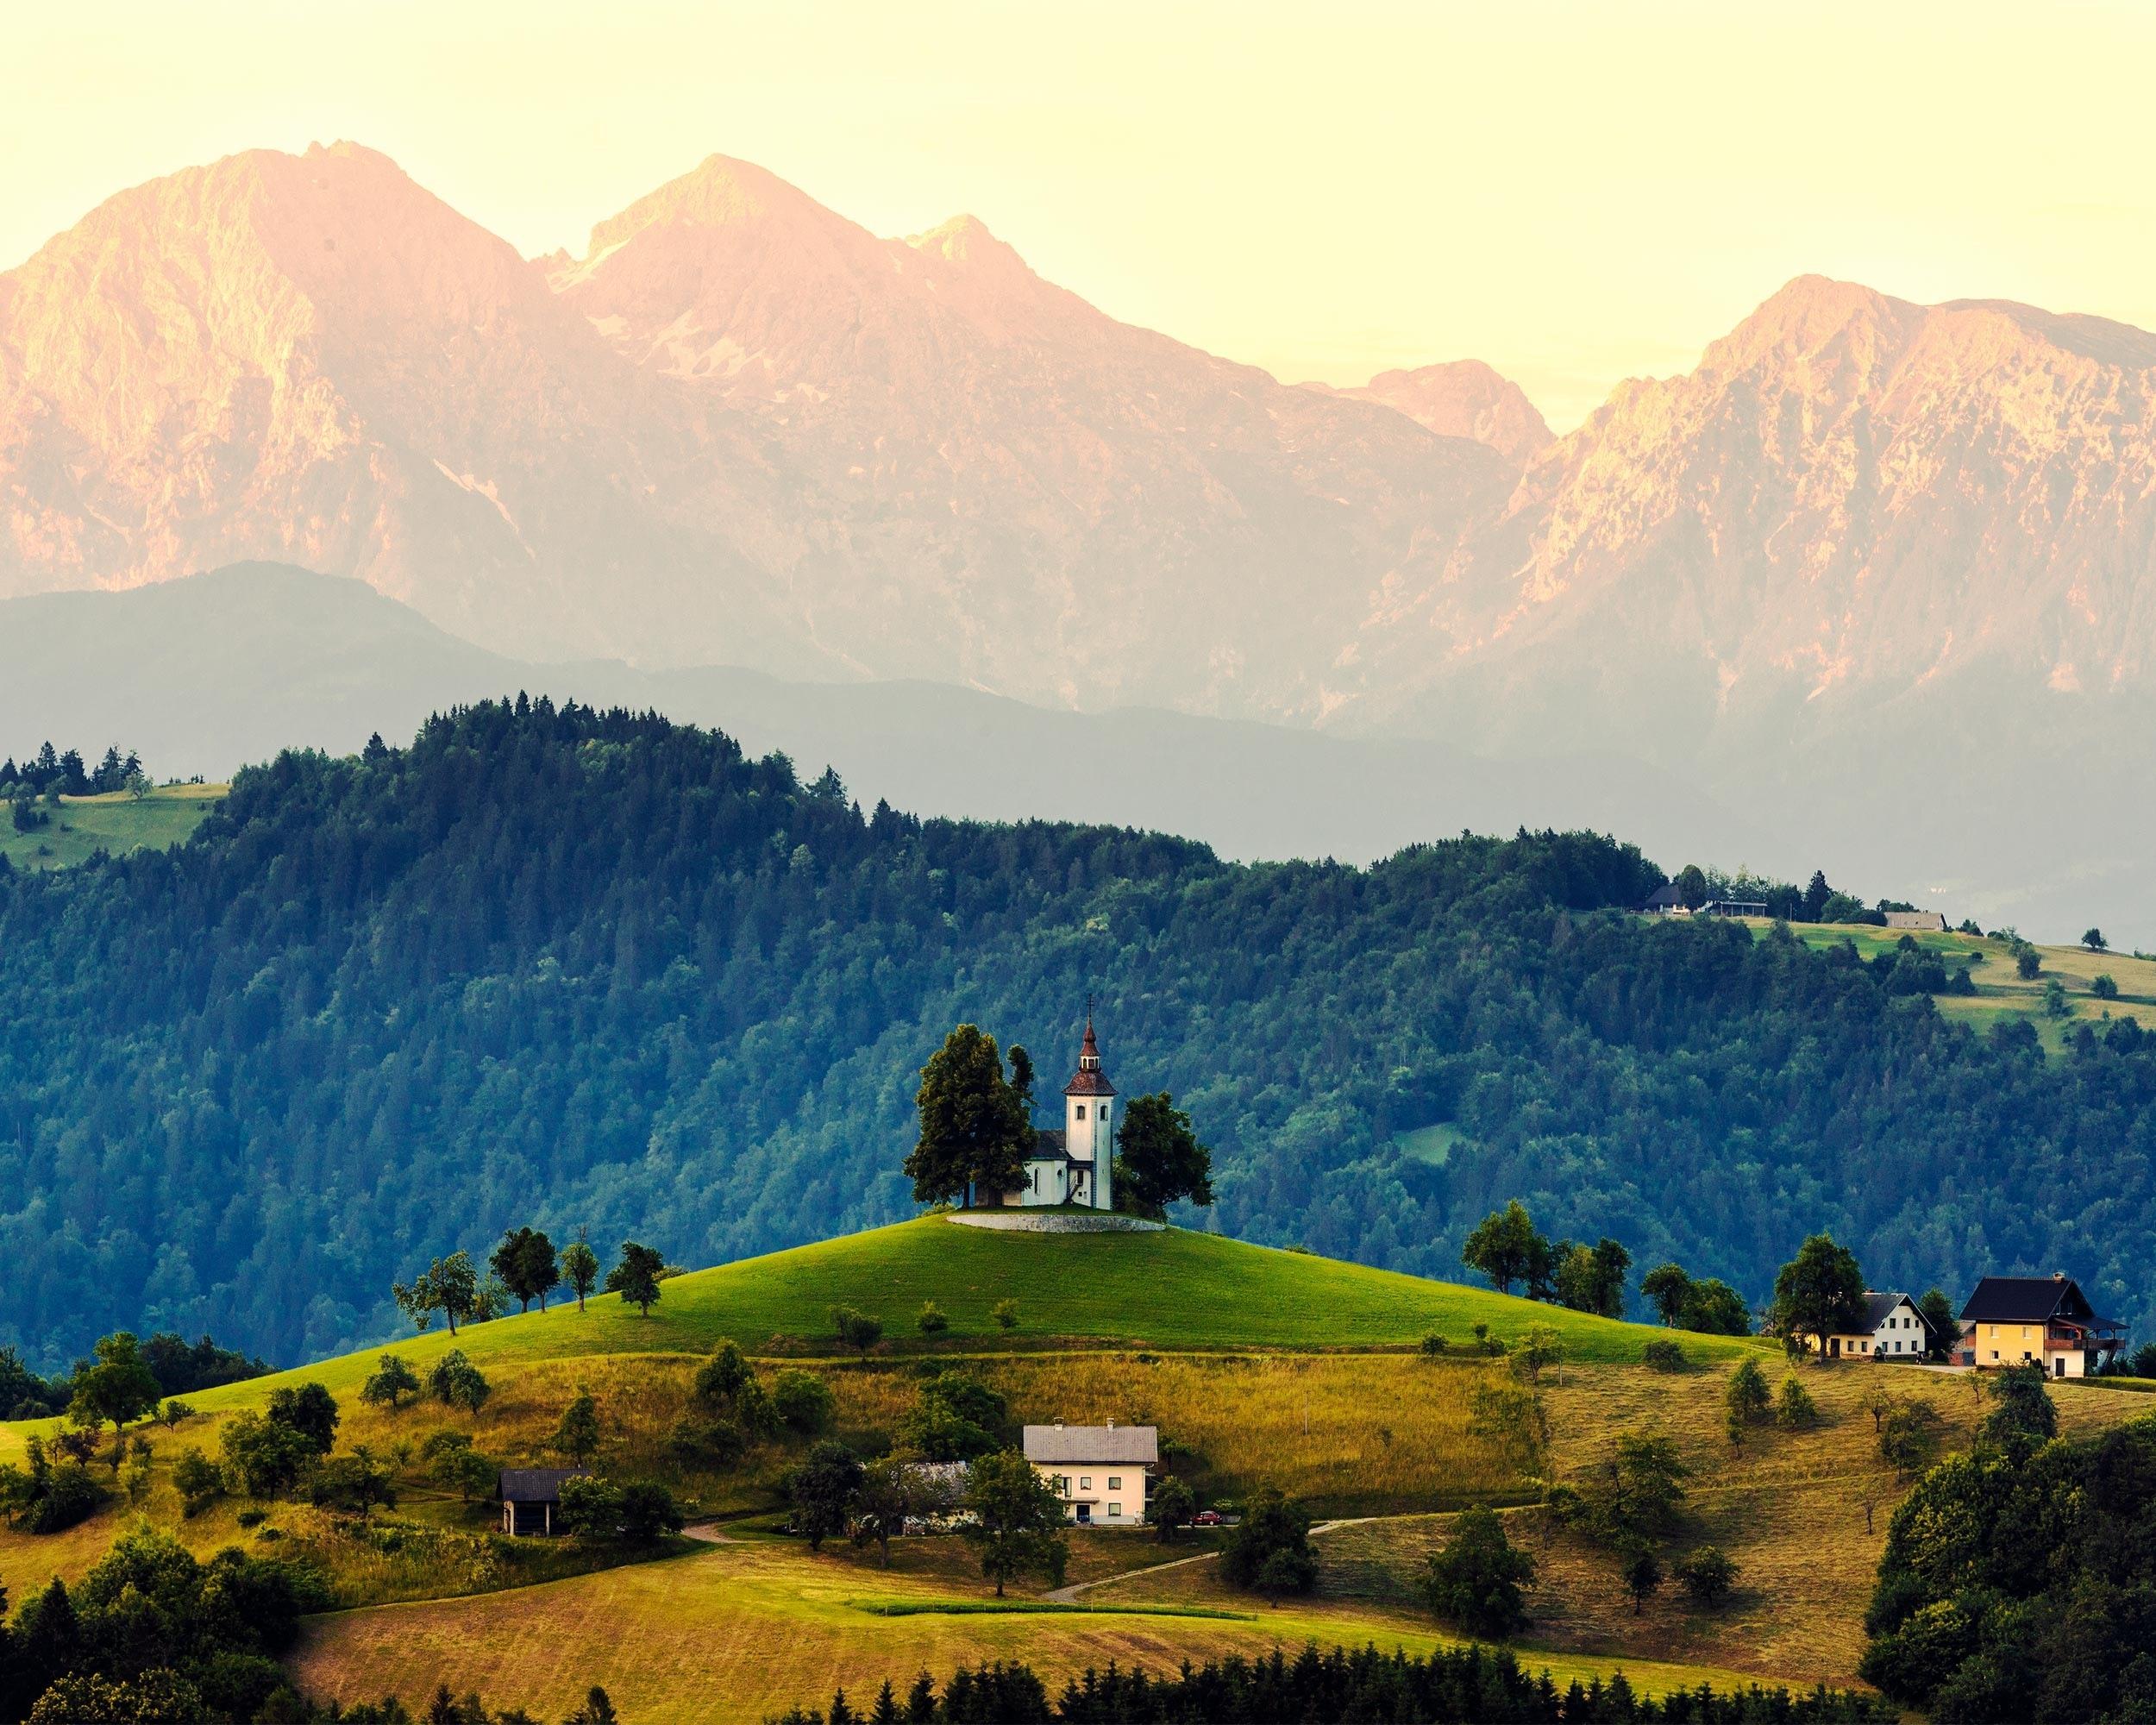 slovenia mountain plains